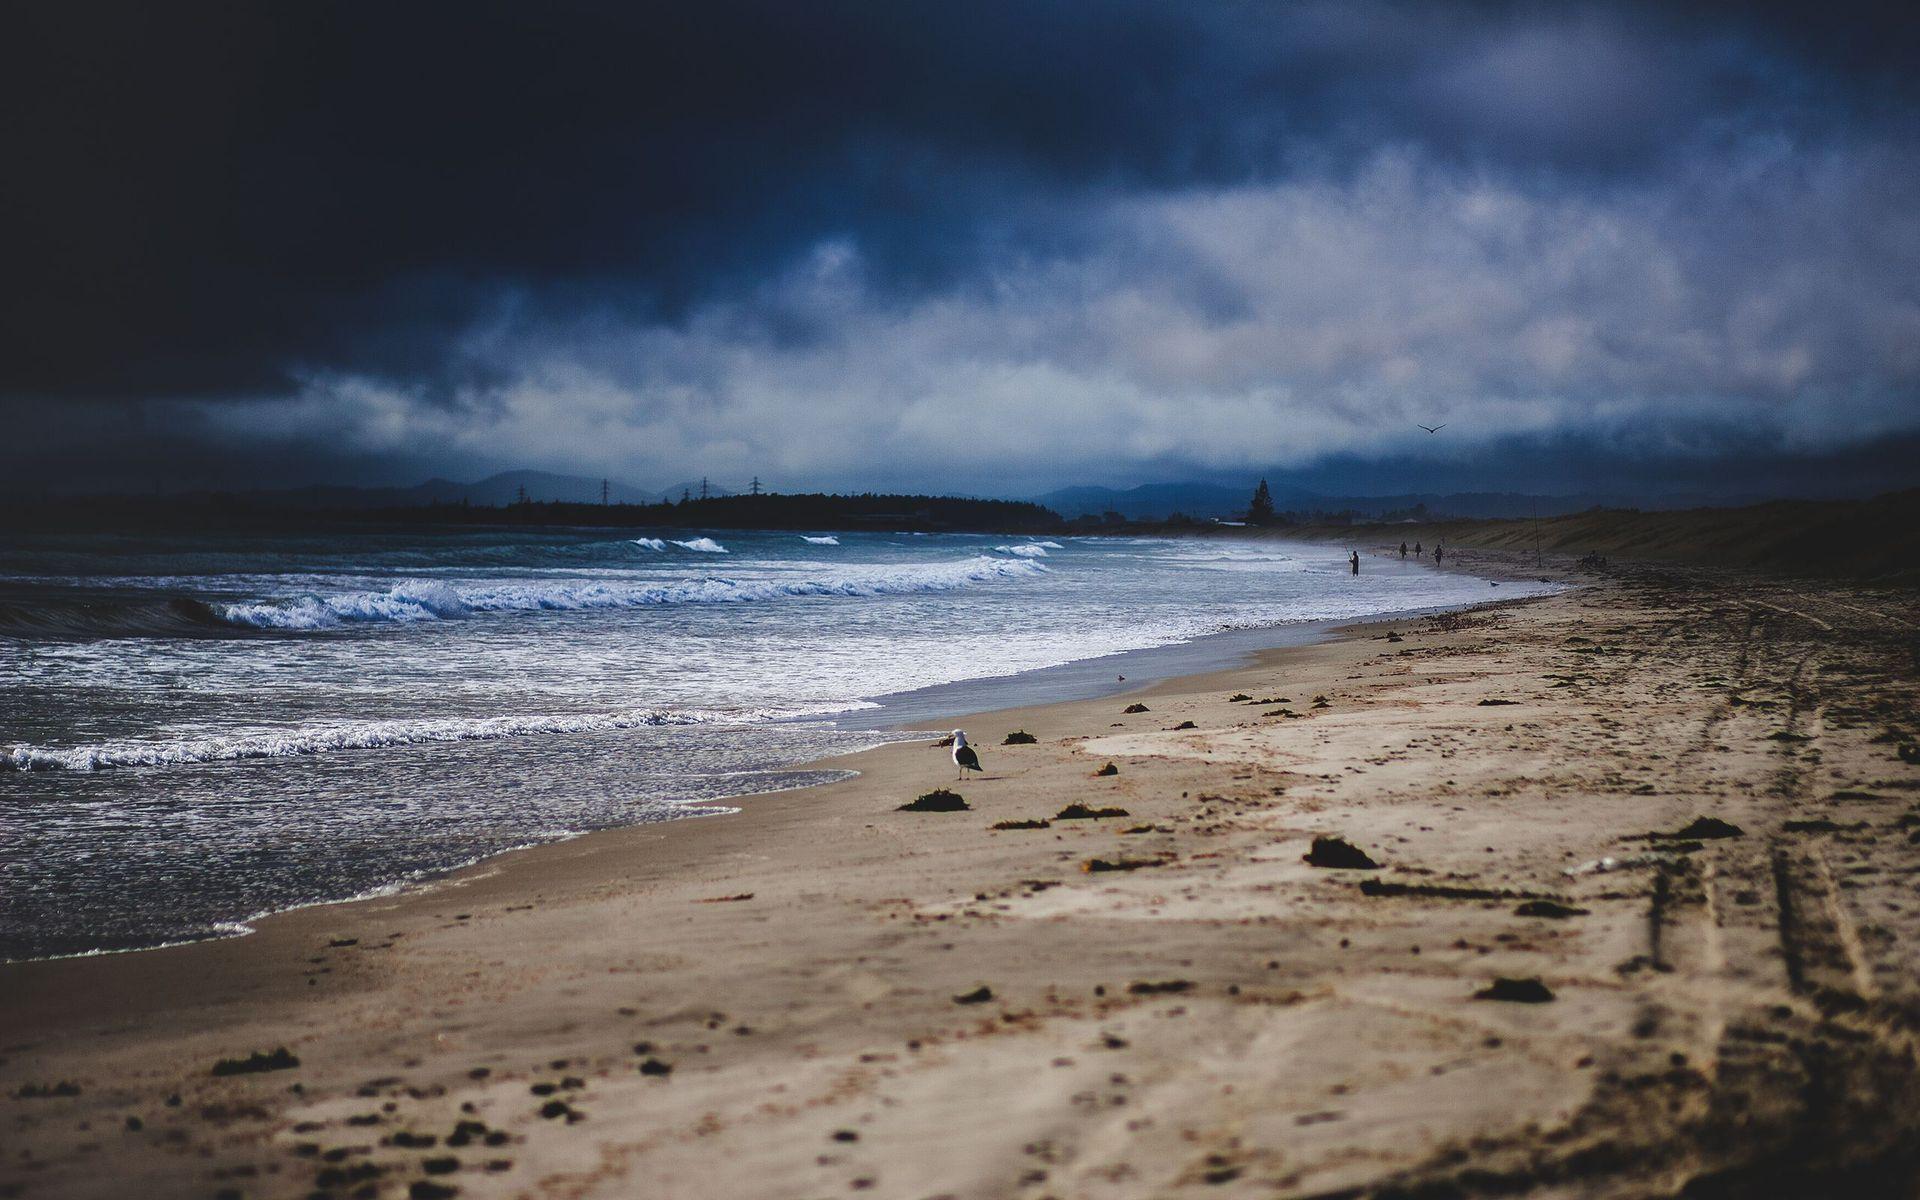 Stormy Beach Wallpaper - WallpaperSafari